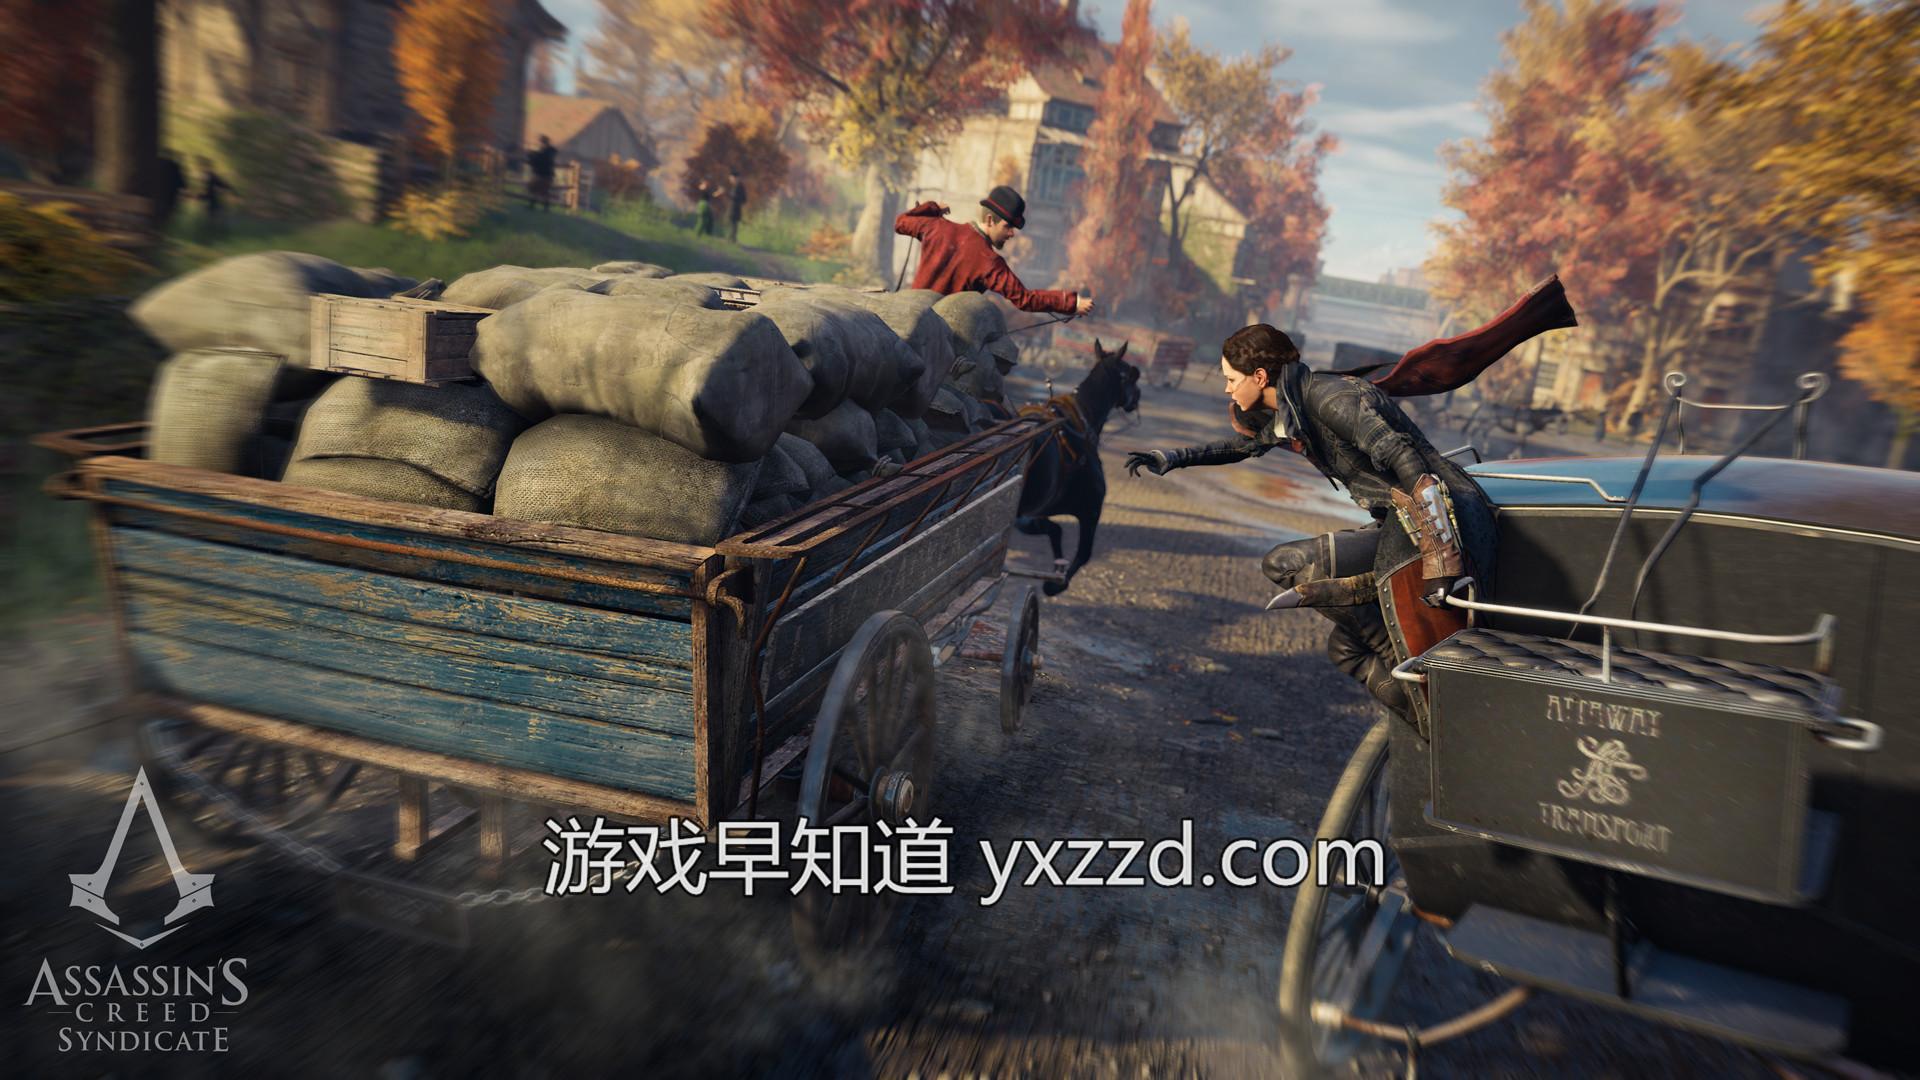 刺客信条枭雄Assassin's Creed Syndicate